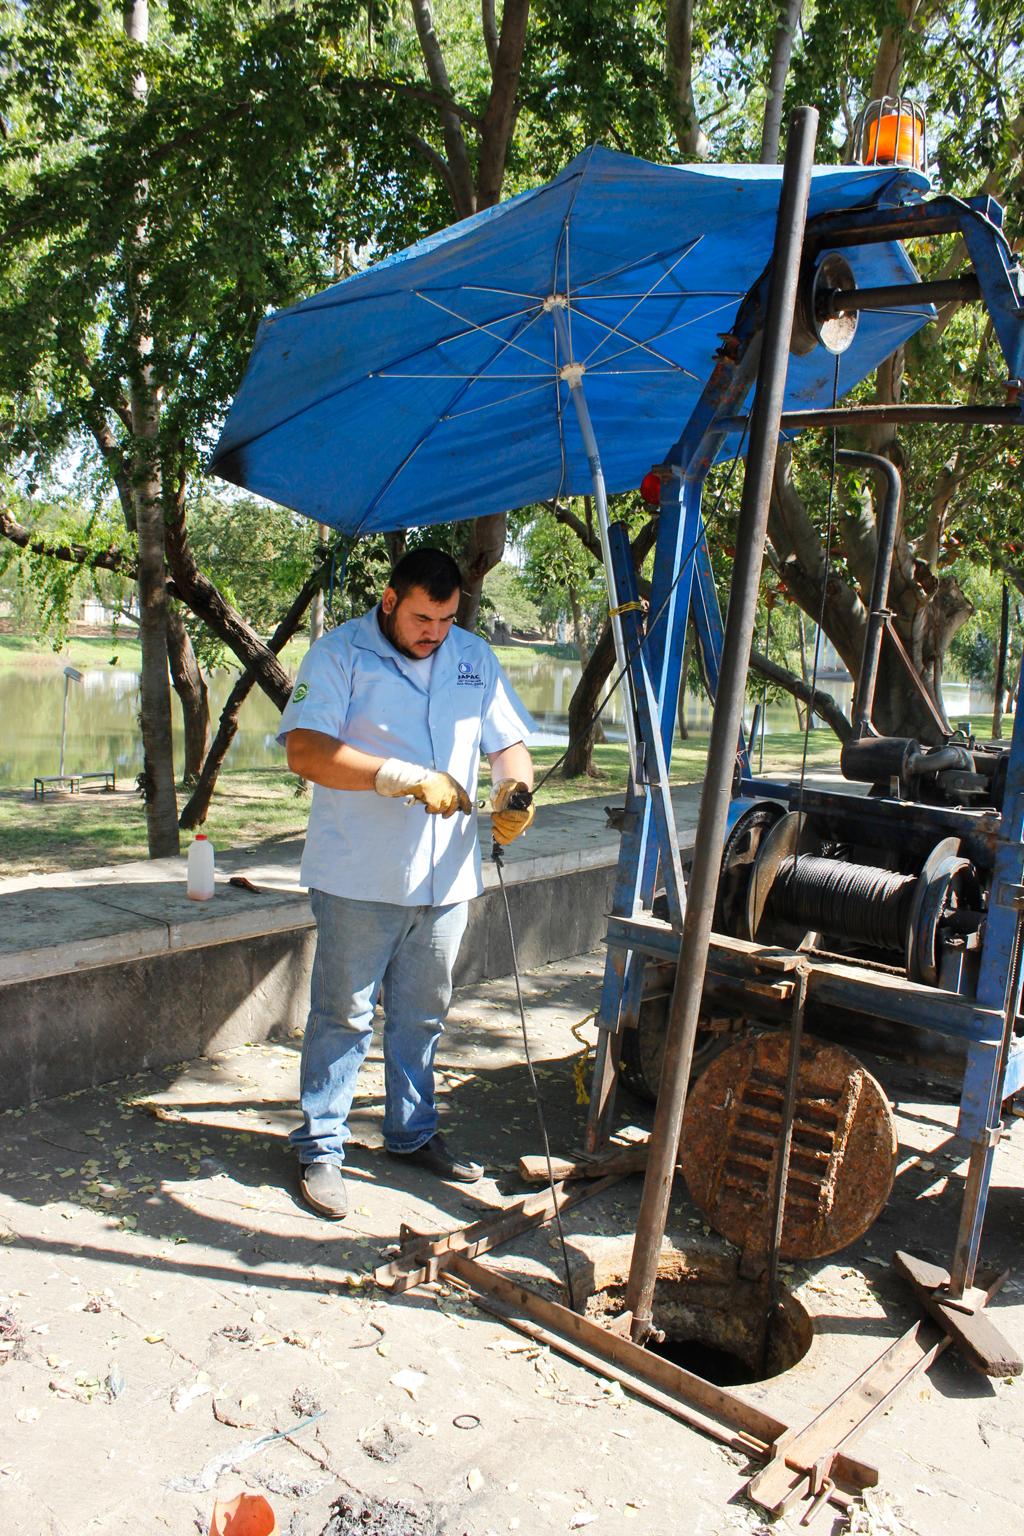 Noticias-2016-JAPAC-realiza-trabajos-de-limpieza-de-red-de-alcantarillado-04